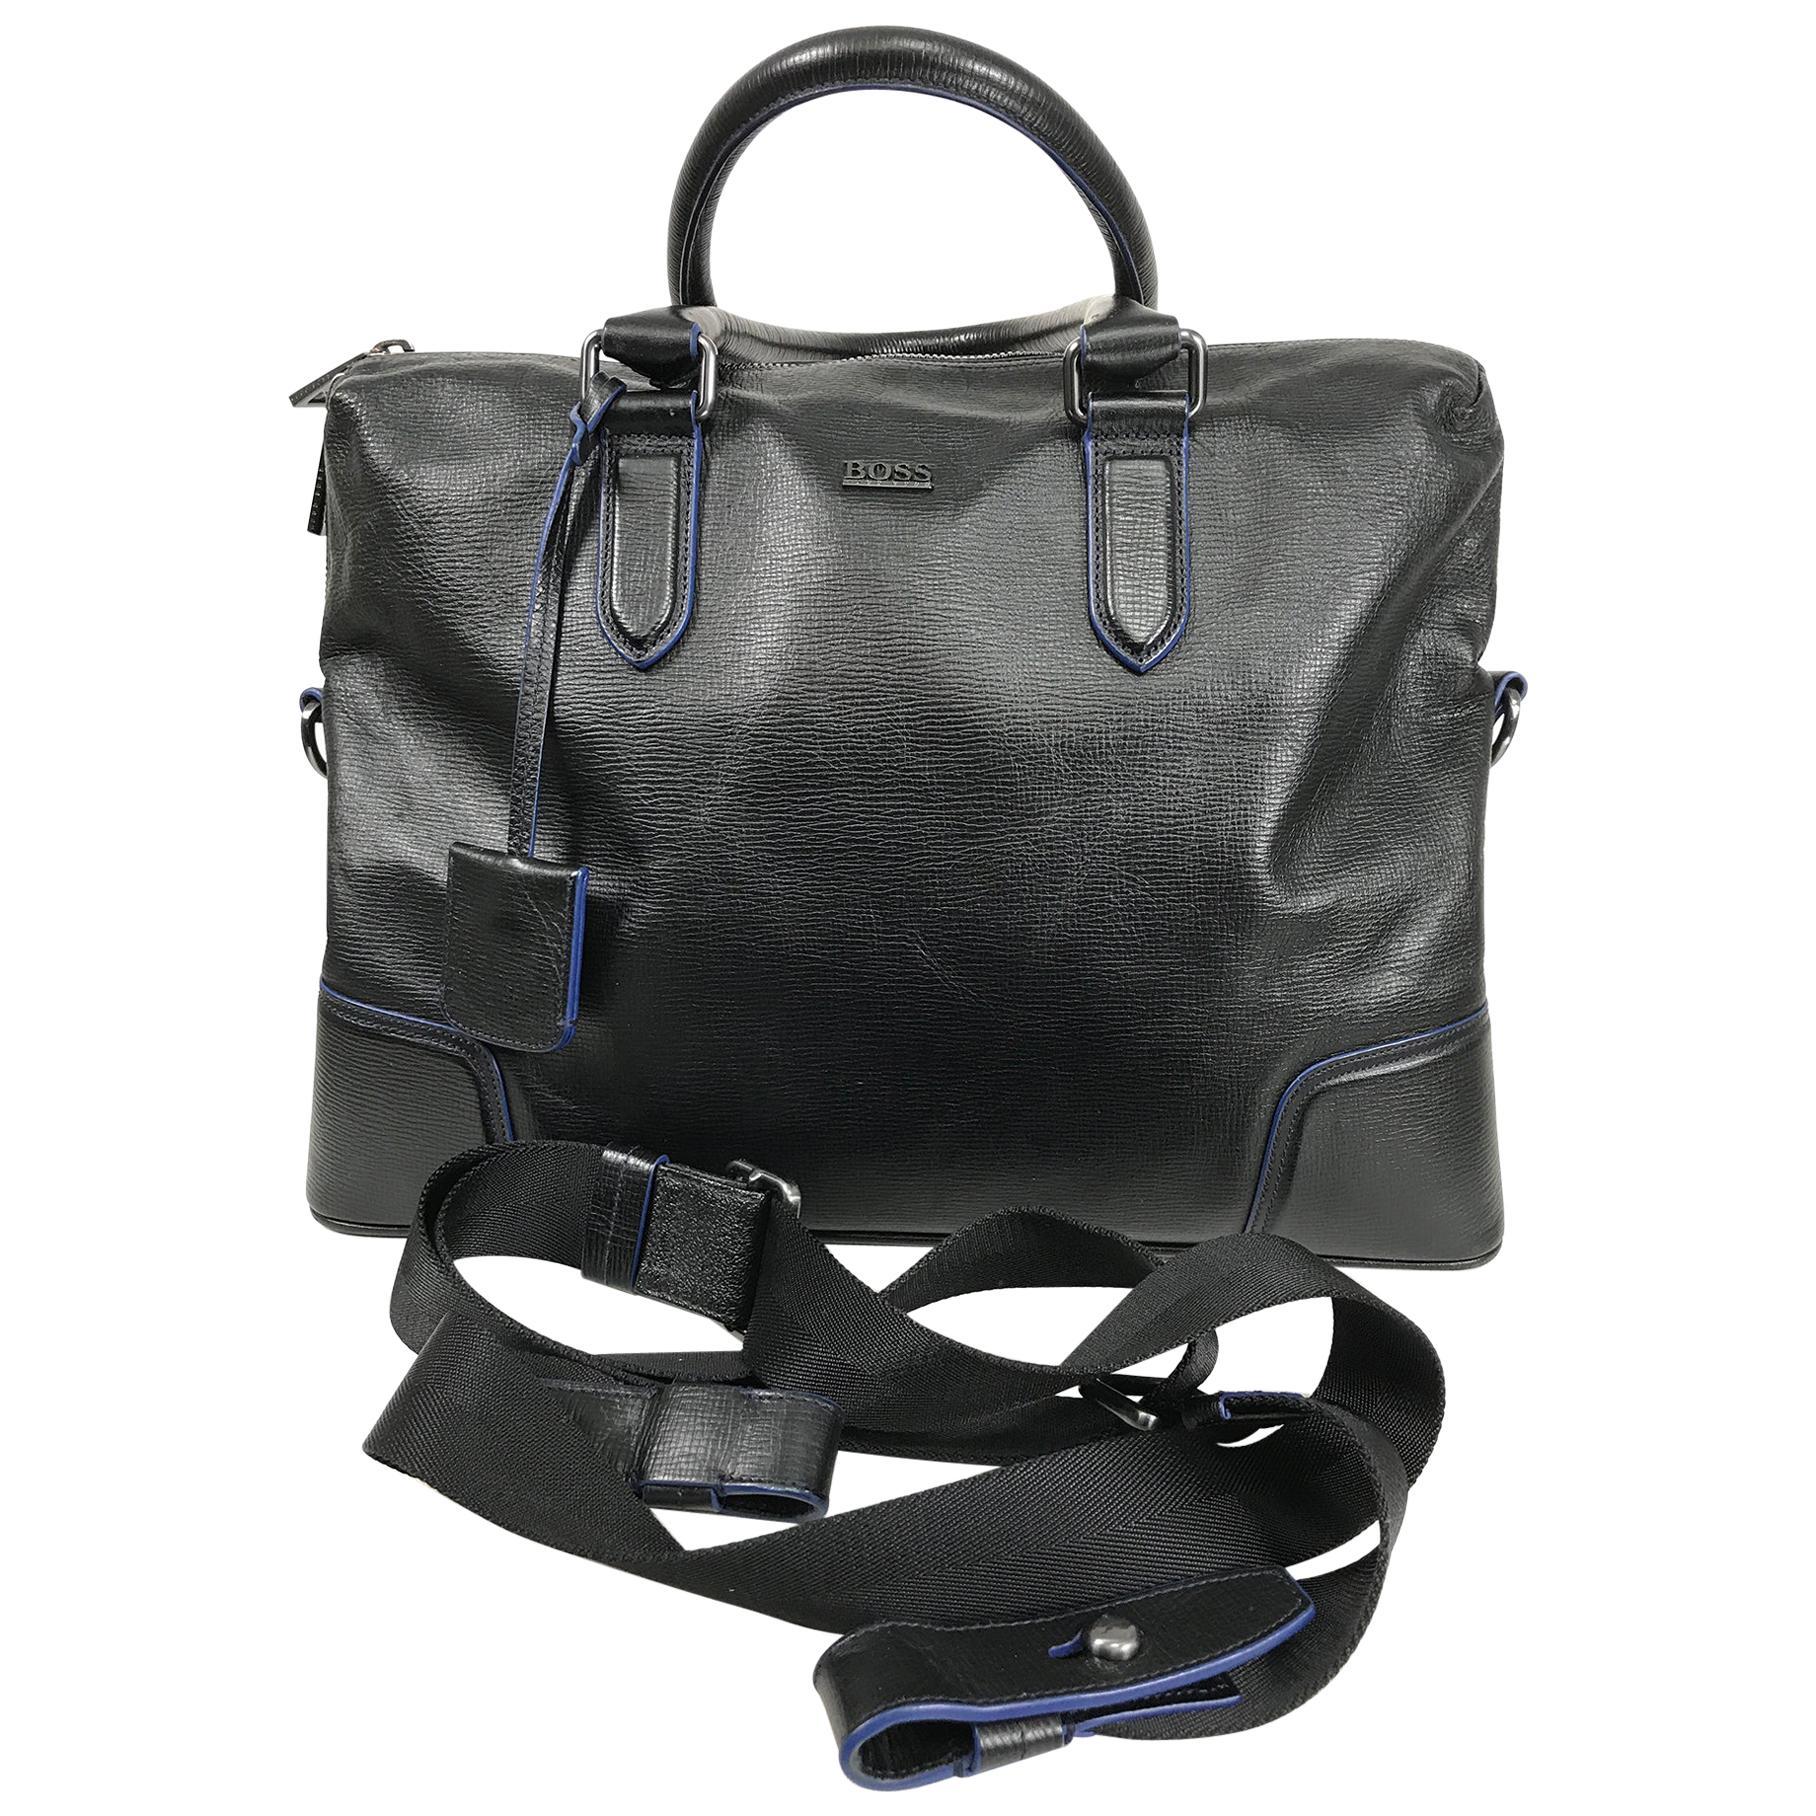 Hugo Boss Black & Blue Leather Business Bag Carry On Shoulder Bag